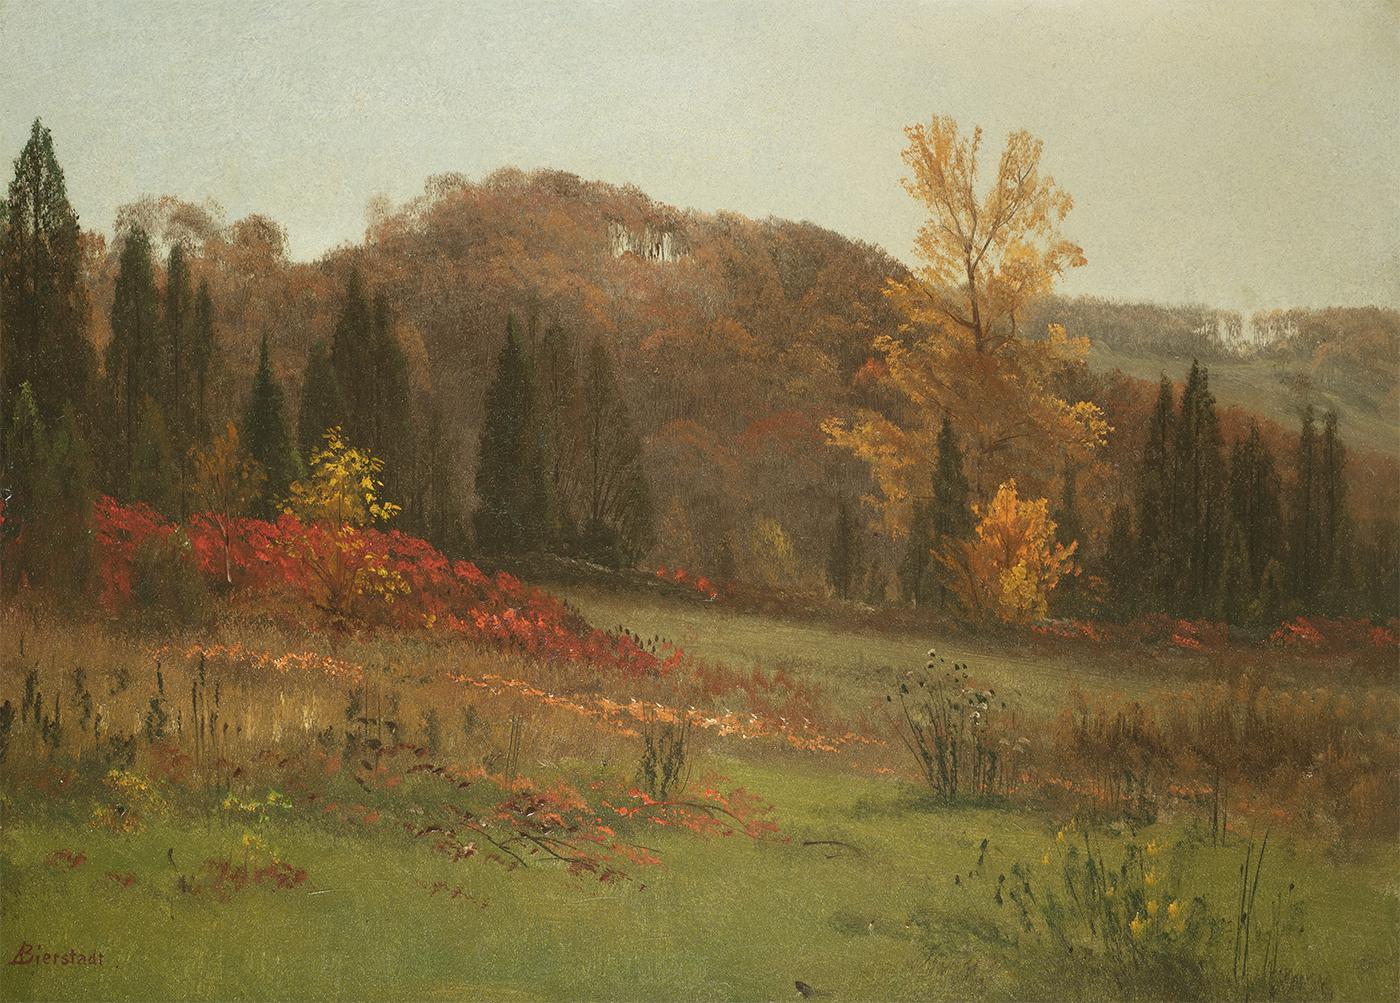 Bierstadt-Autumn Landscape